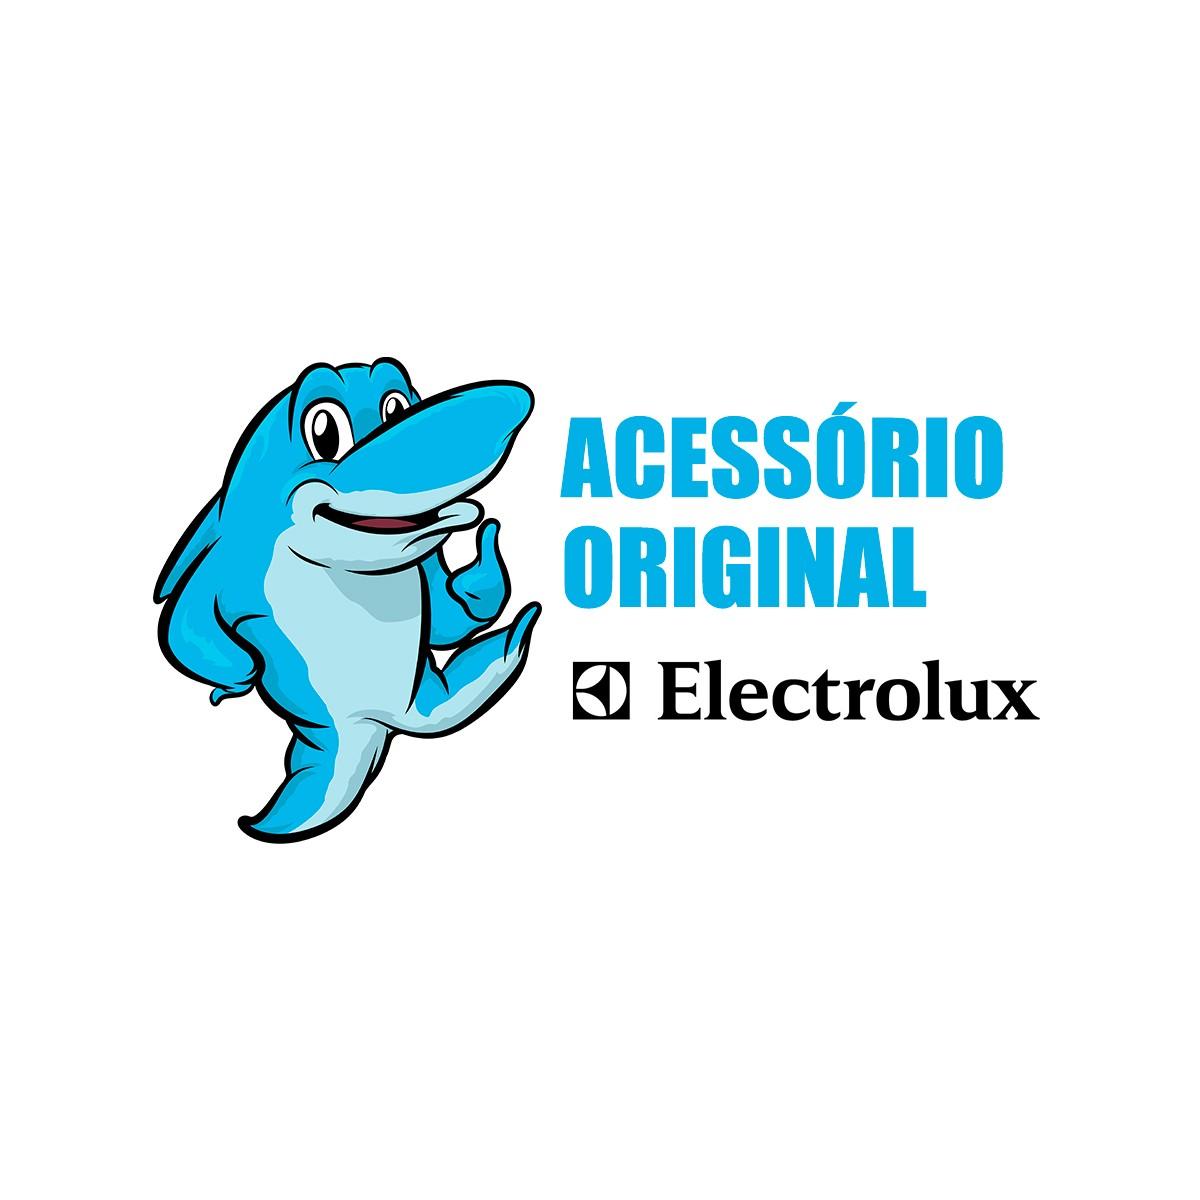 Kit Saco descartável Para Aspirador de pó Electrolux Hidrovac 3un Original